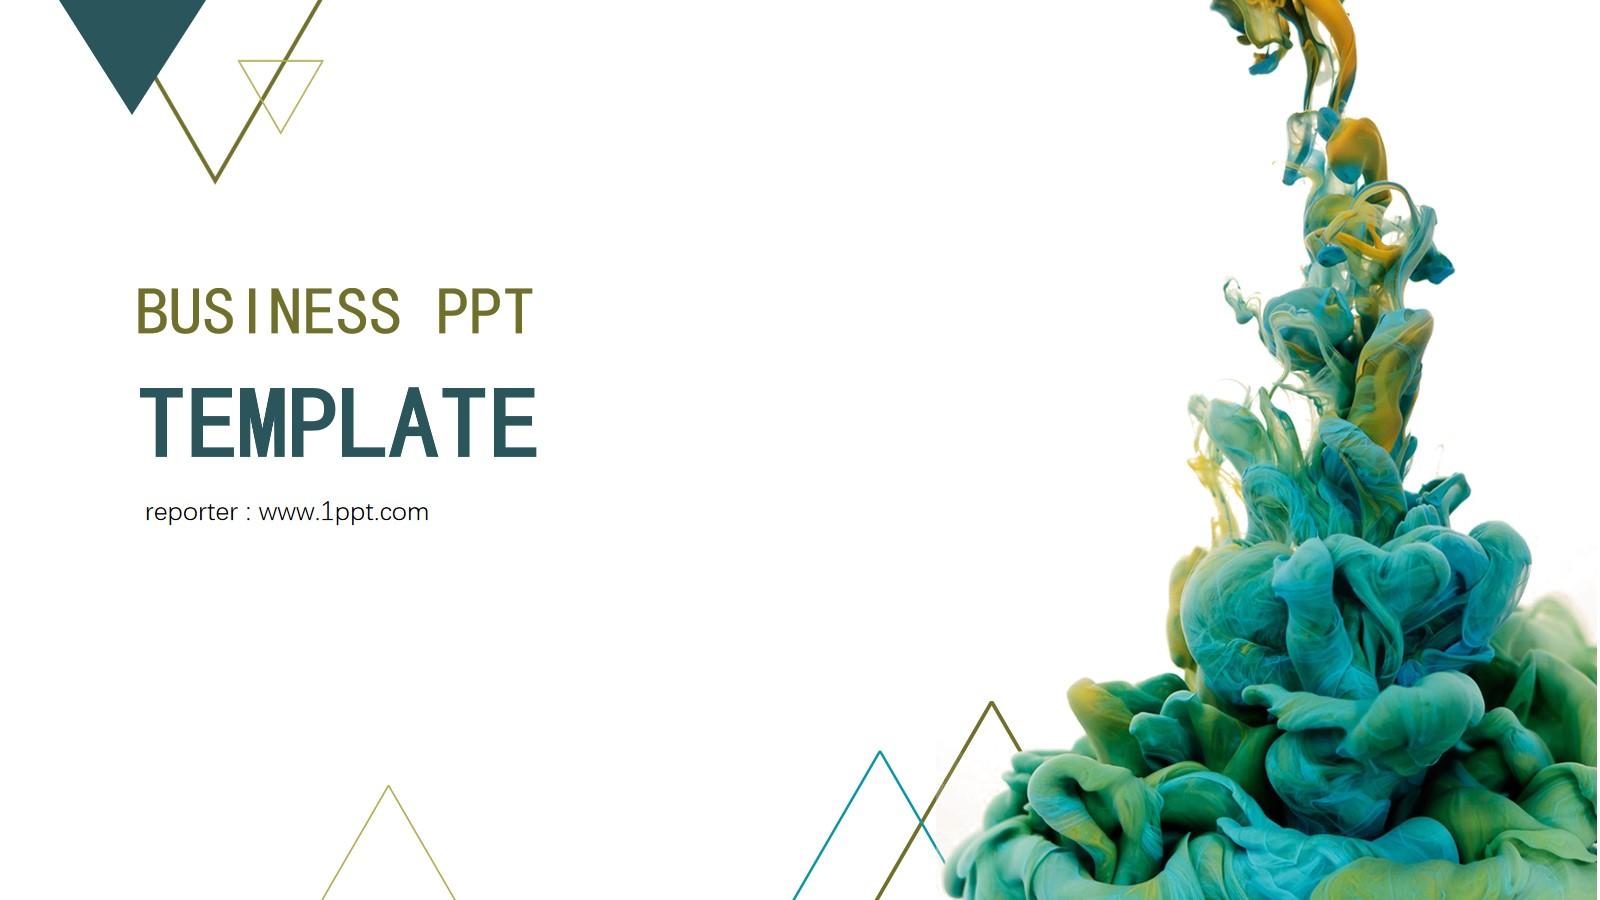 绿色简洁创意油漆颜料背景艺术设计PPT模板